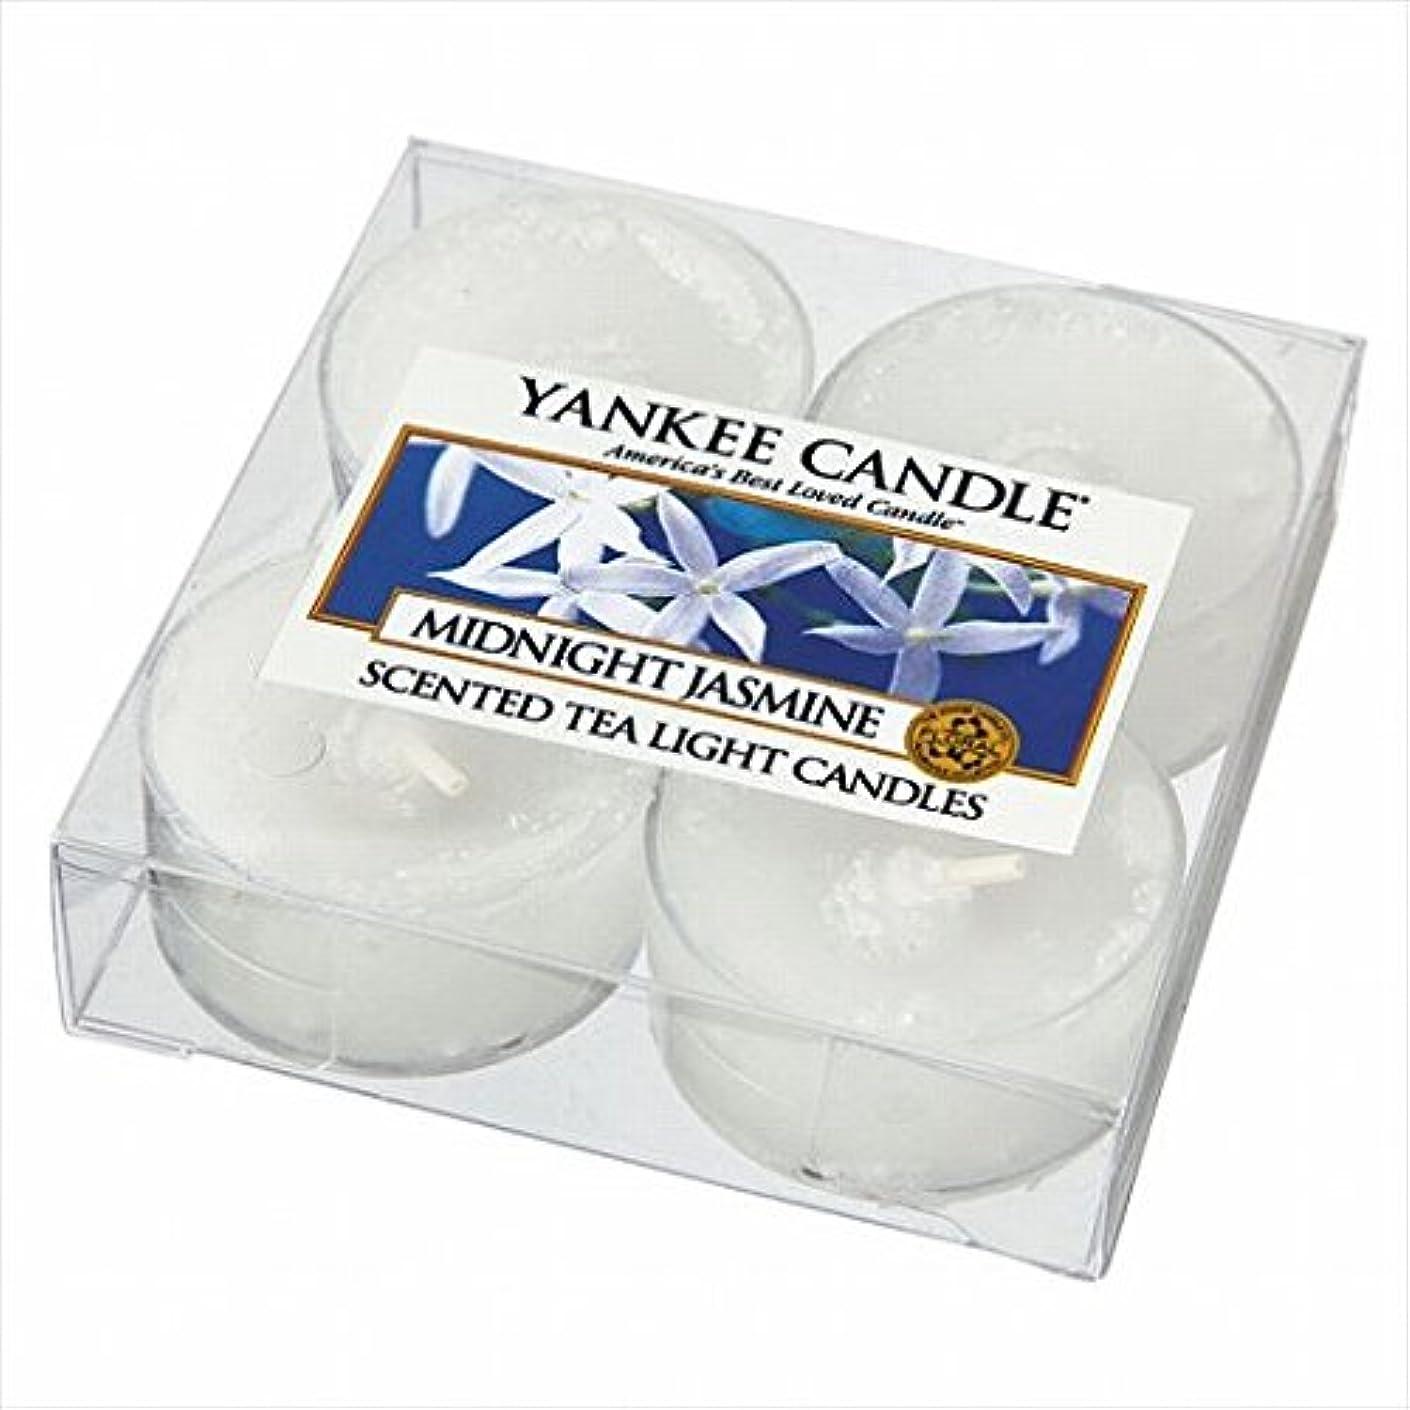 カメヤマキャンドル(kameyama candle) YANKEE CANDLE クリアカップティーライト4個入り 「 ミッドナイトジャスミン 」